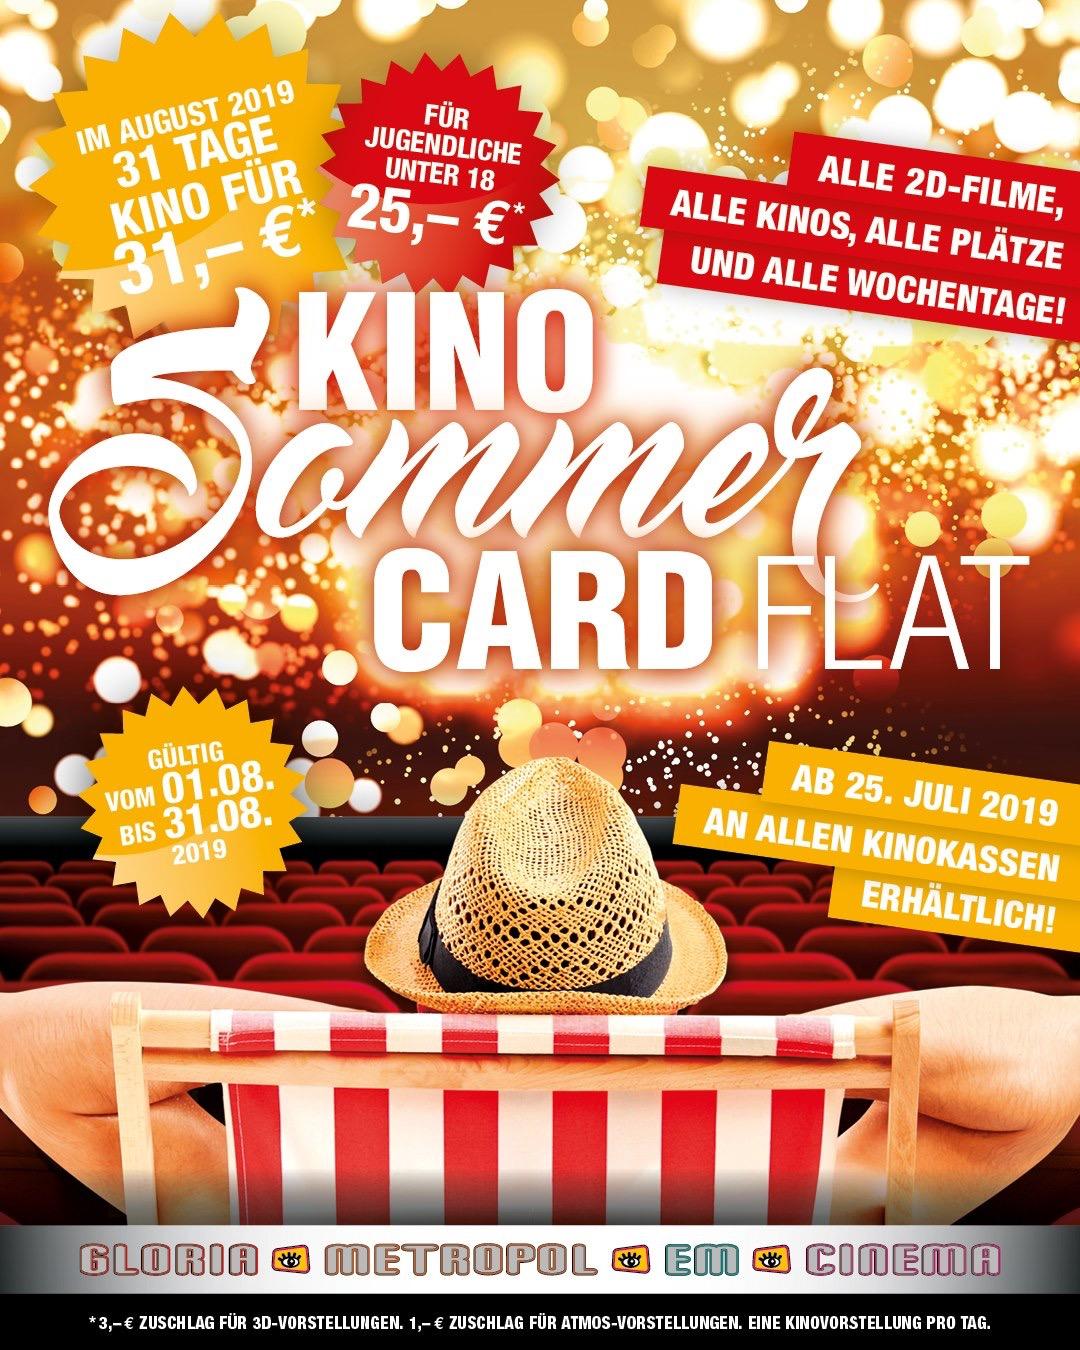 [LOKAL] Innenstadtkinos Stuttgart - Im August für 31 Euro jeden Tag ins Kino